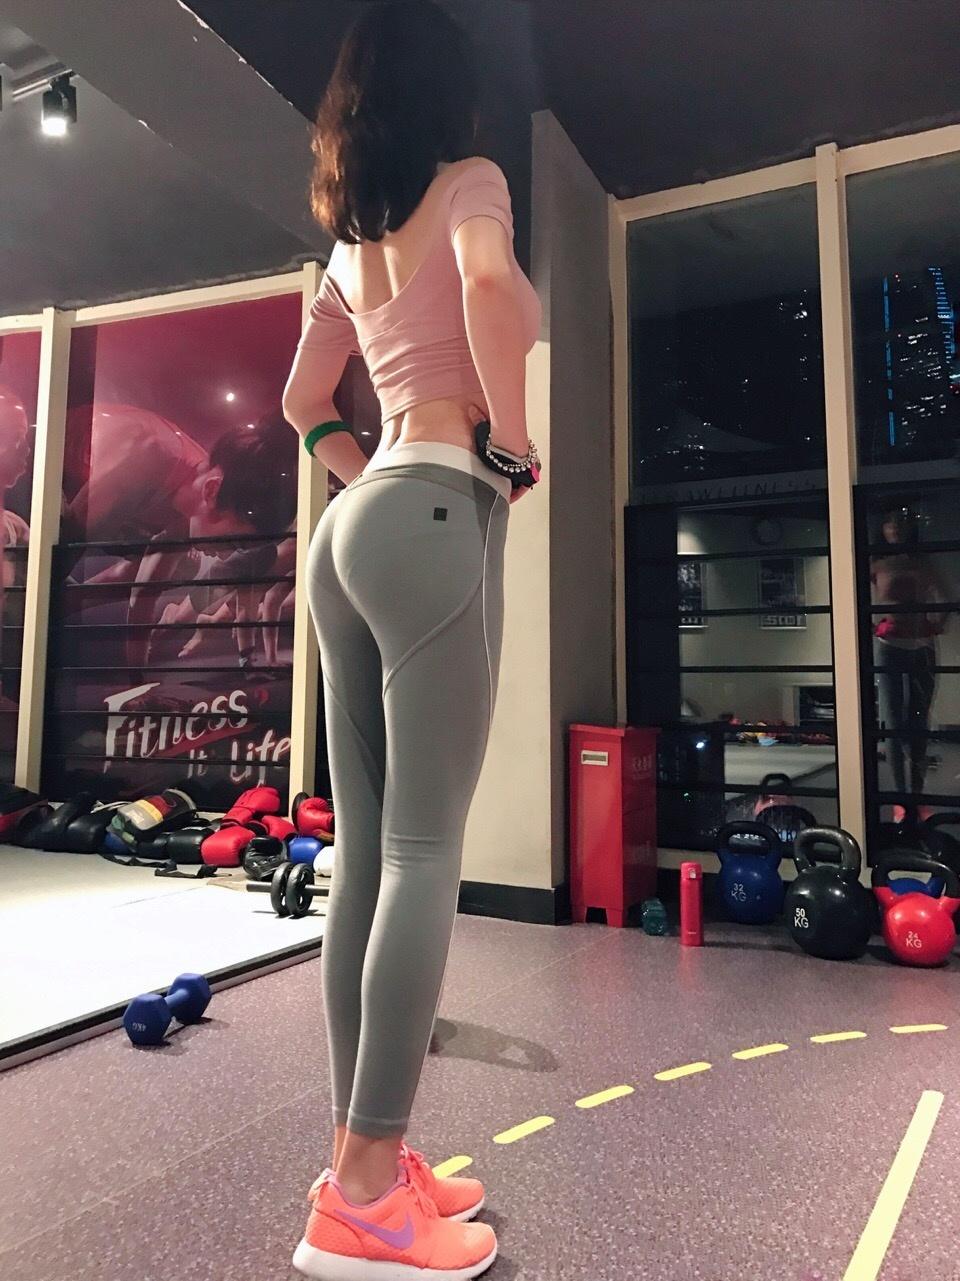 妻子每次去健身房都穿成这样怎么办?